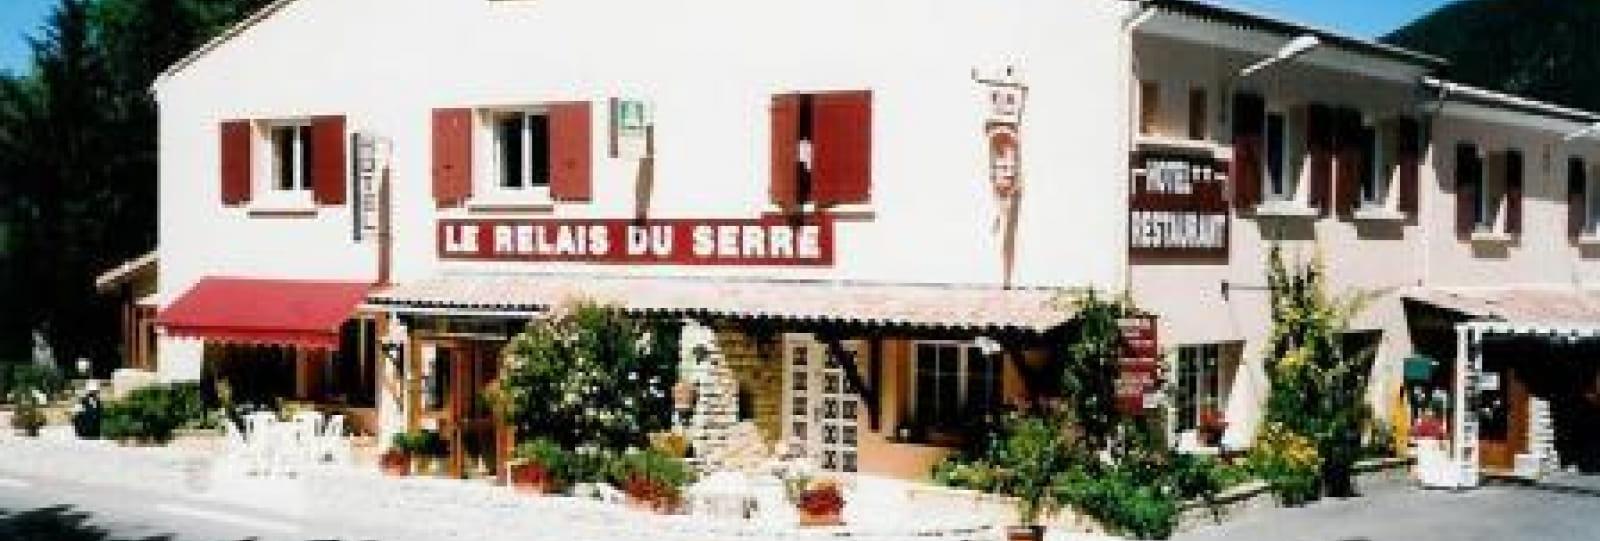 Hôtel-Restaurant le Relais du Serre